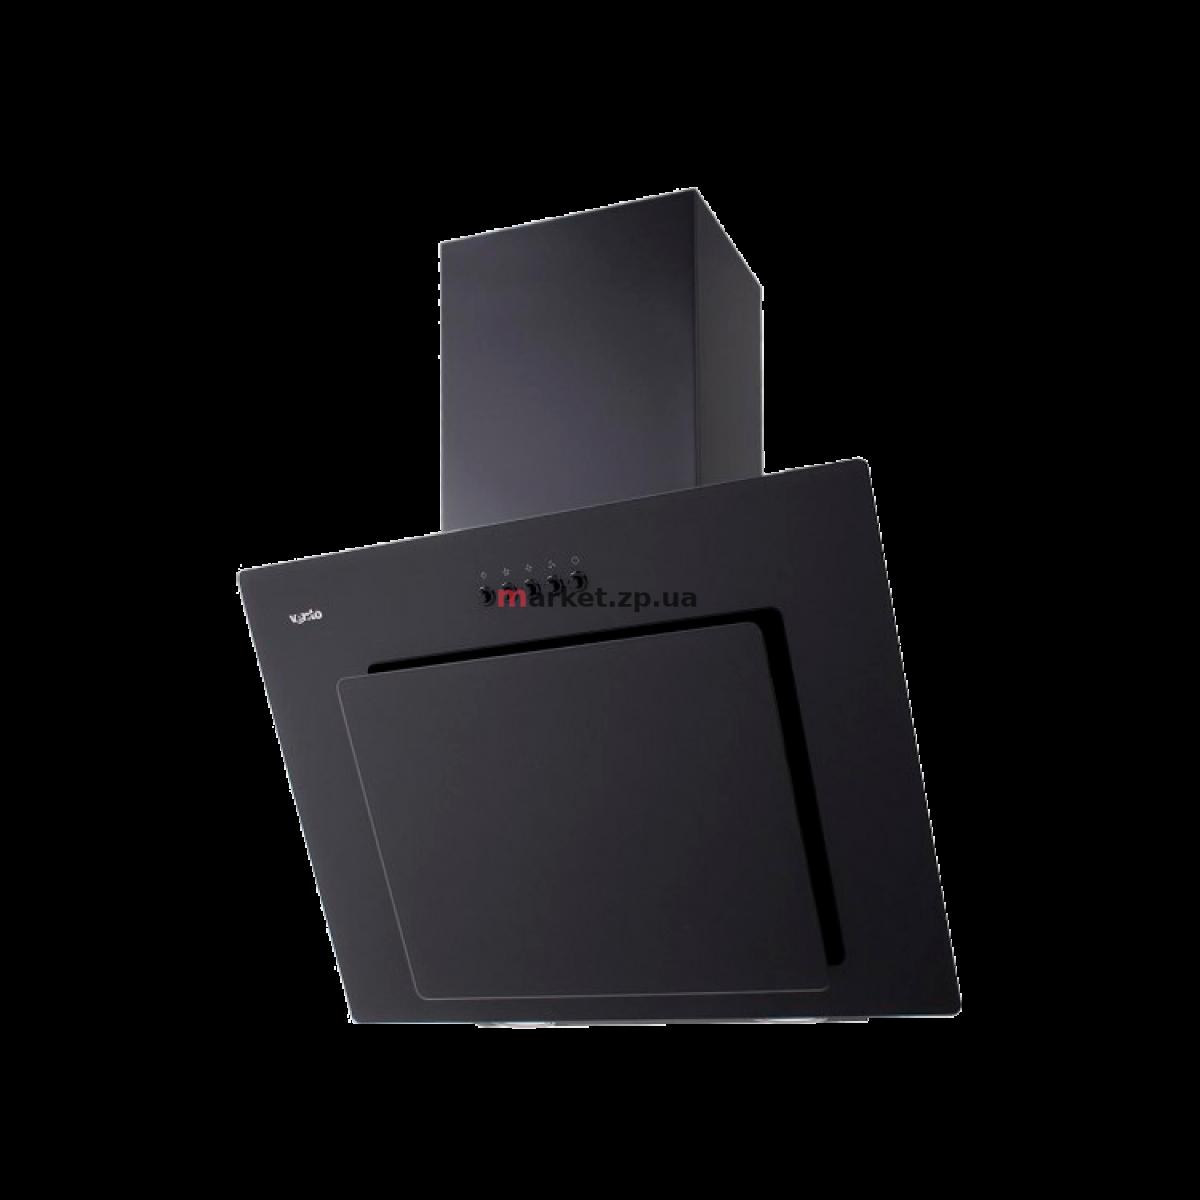 Вытяжка VENTOLUX FIORE 60 BK (750) PB чёрное стекло